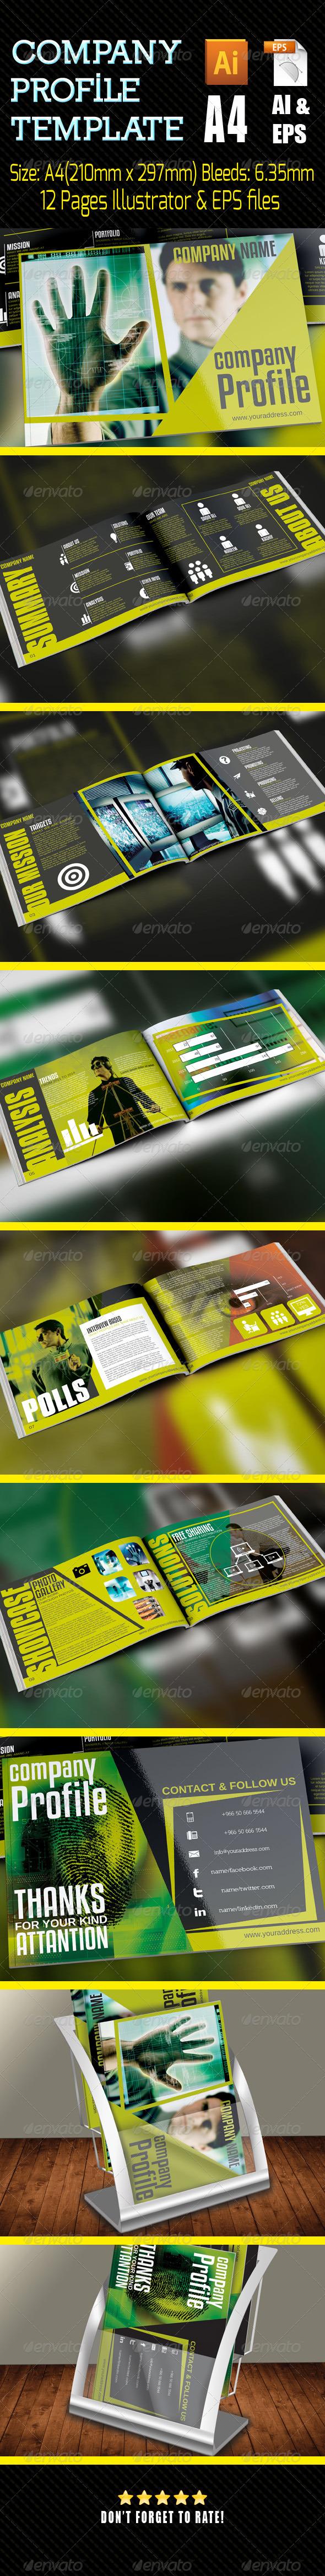 GraphicRiver Company Profile 01 6964169